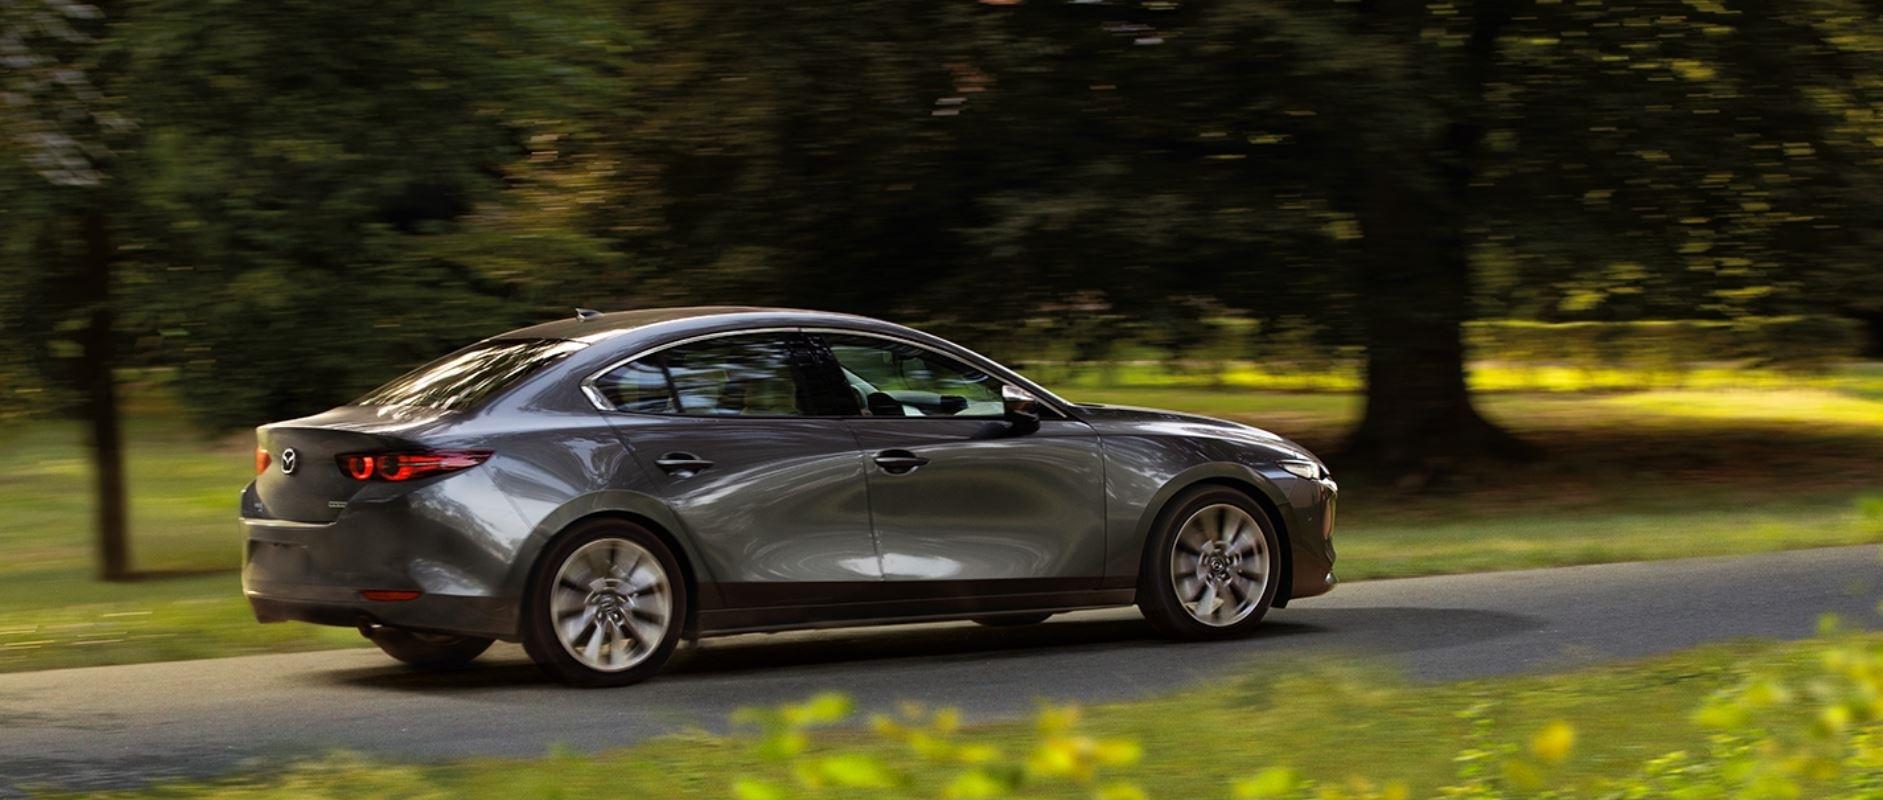 2019 Mazda3 Sedan for Sale near Washington, DC